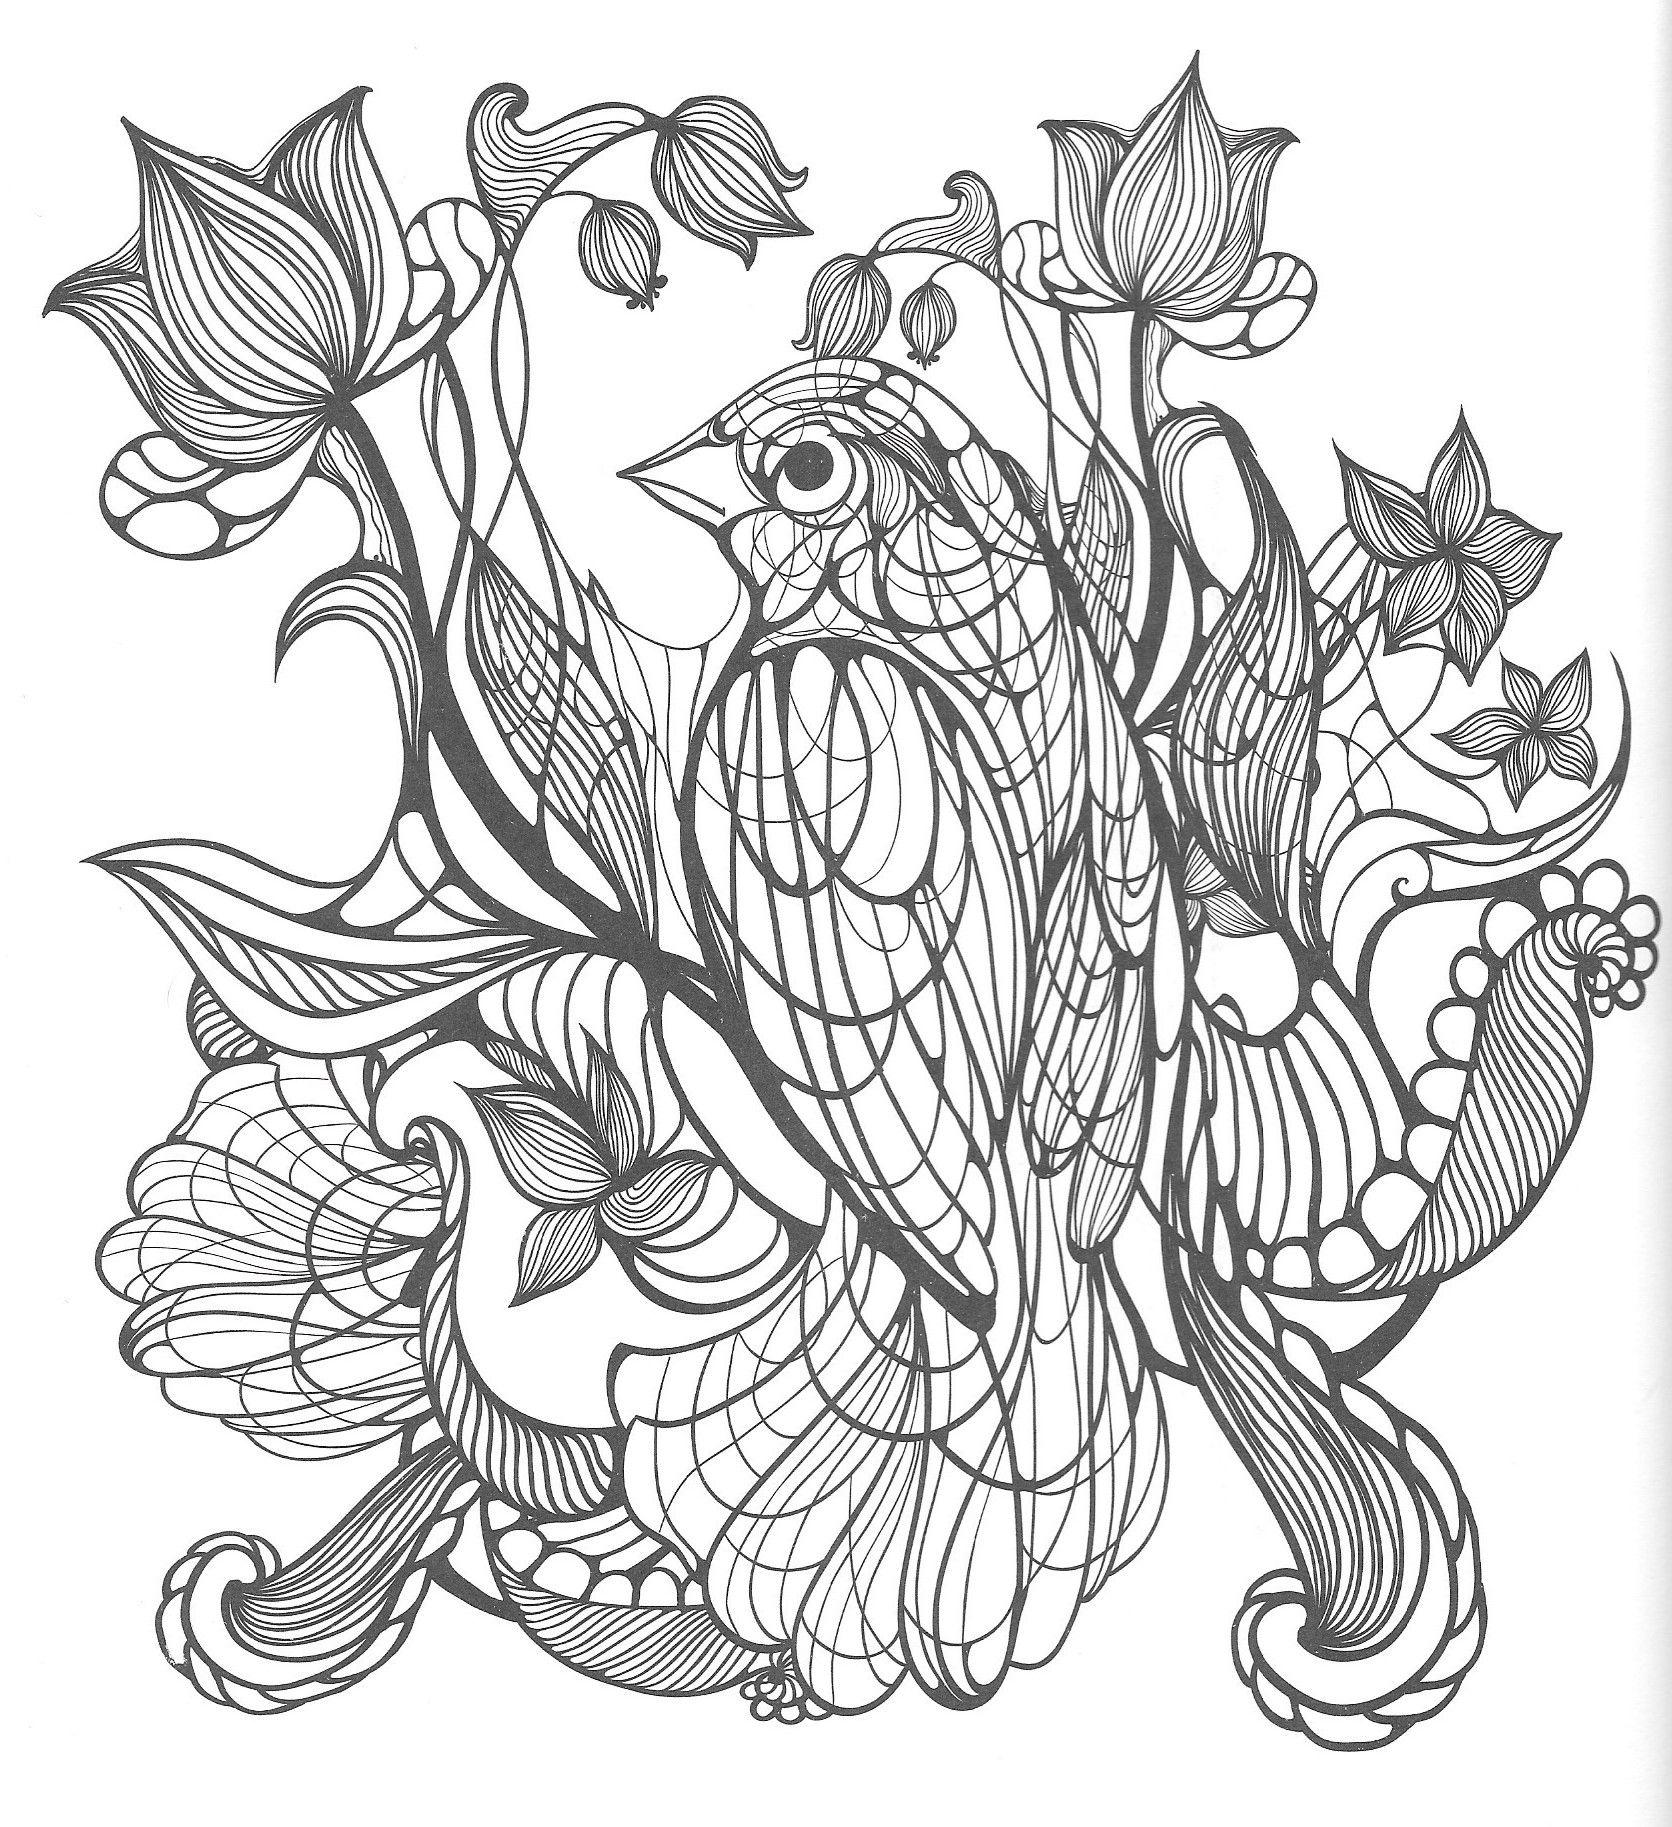 Malvorlagen # Colorful # Bird # Vogel # Ausmalen   Malvorlagen ...